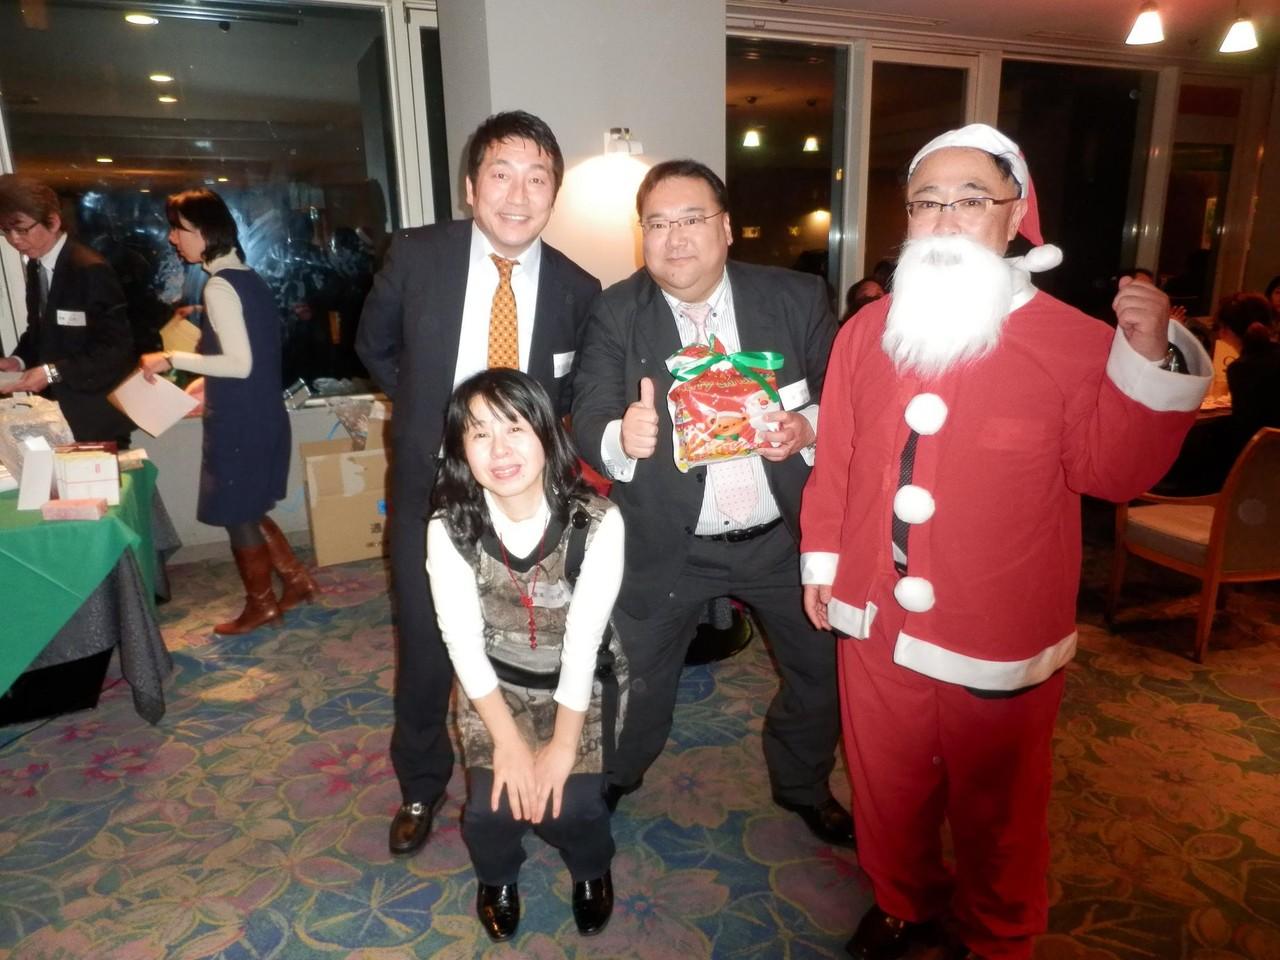 チーム賞!大田支部木村さん、生垣さん、倉本。賞品は坂上さんご提供のハッピーDVD♪